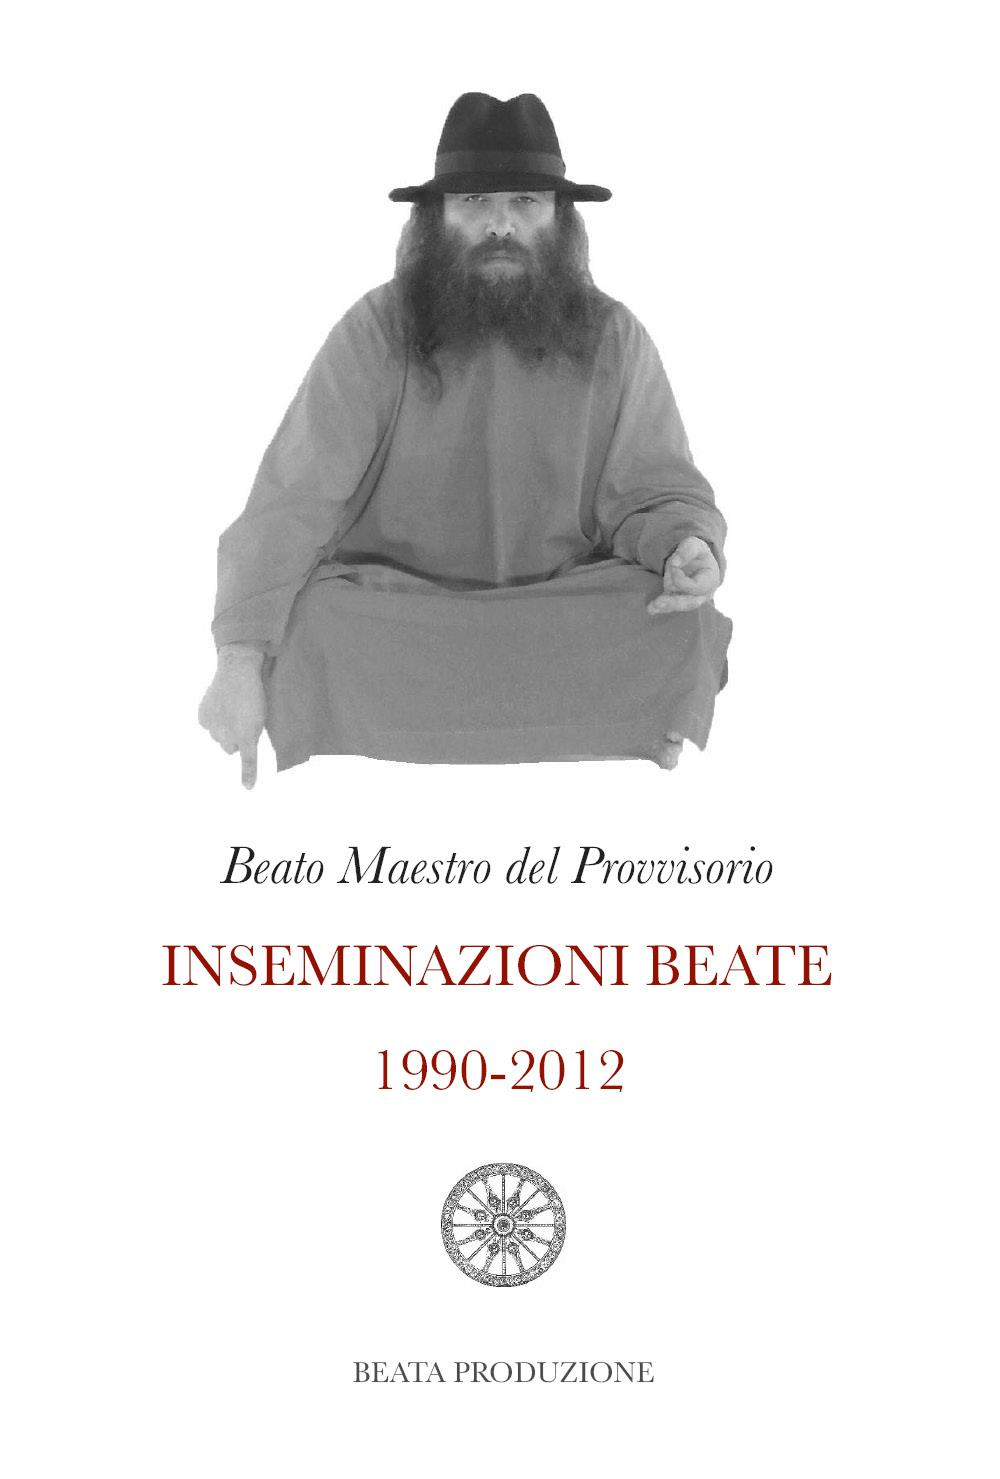 Inseminazioni Beate 1990-2012